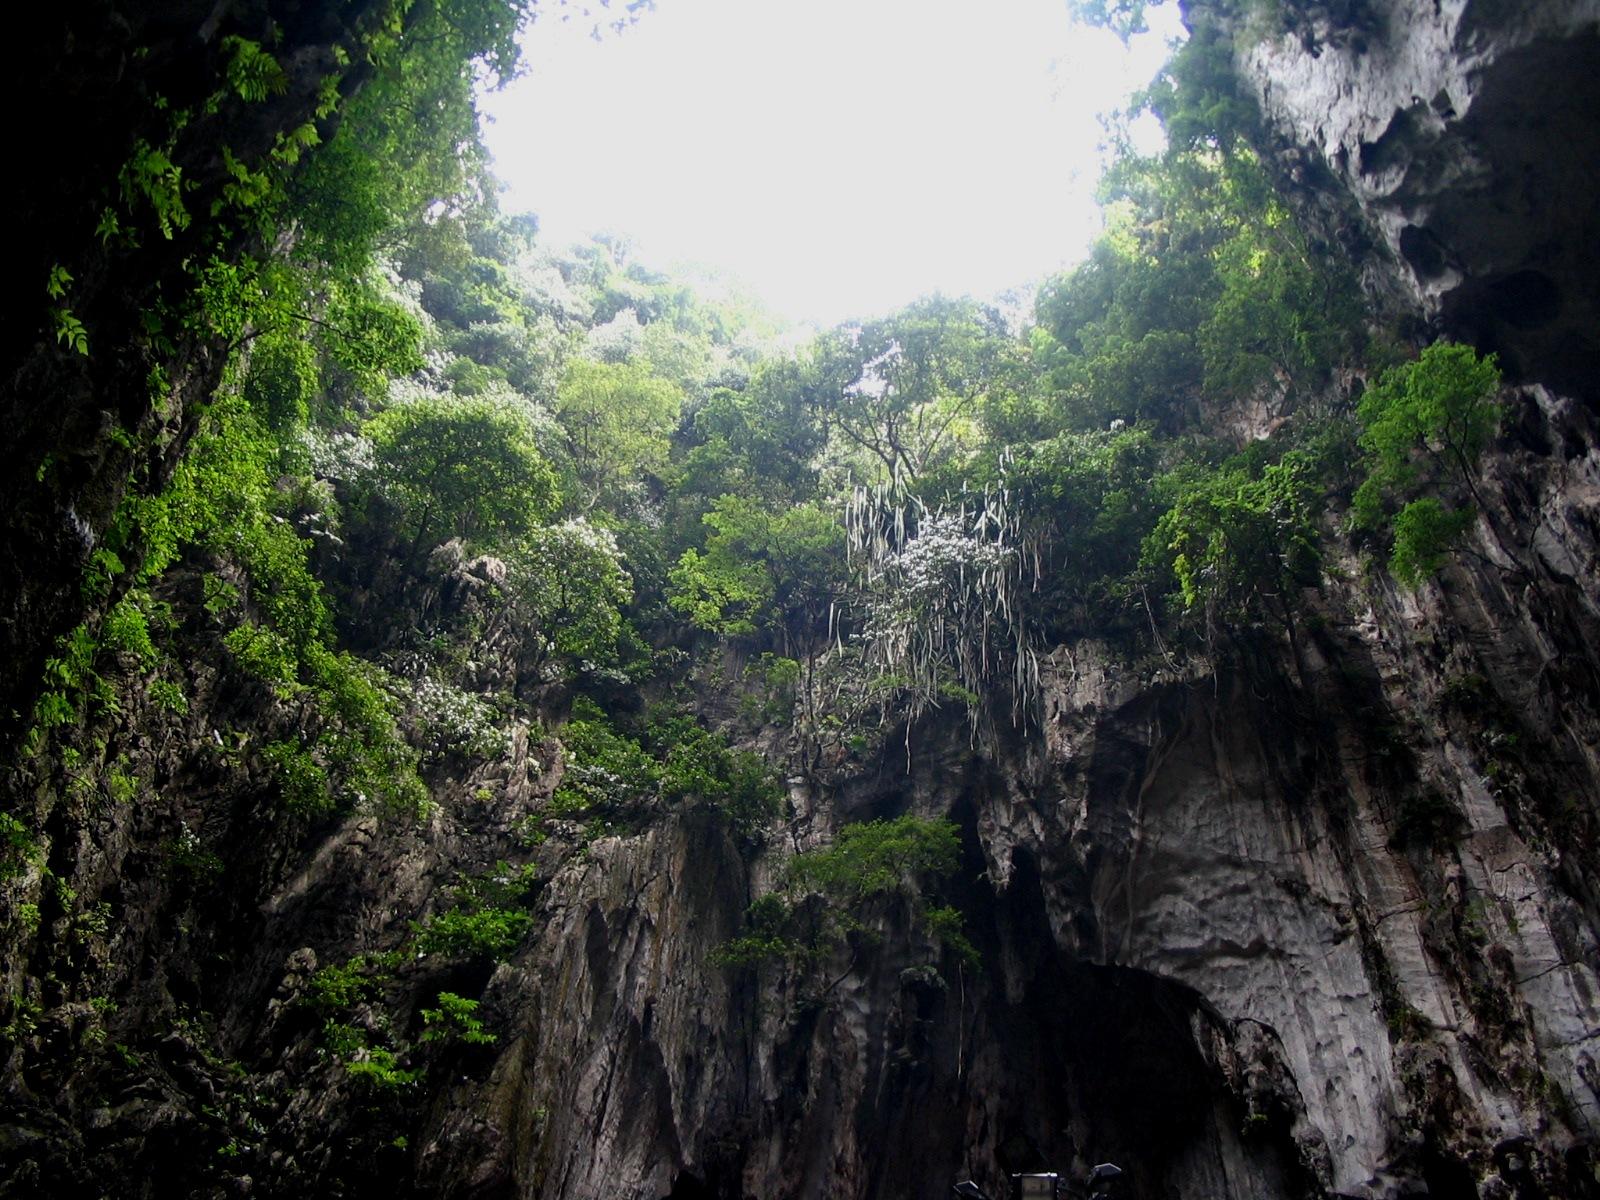 Batu_Caves_-_intérieur_de_l'aven.jpg